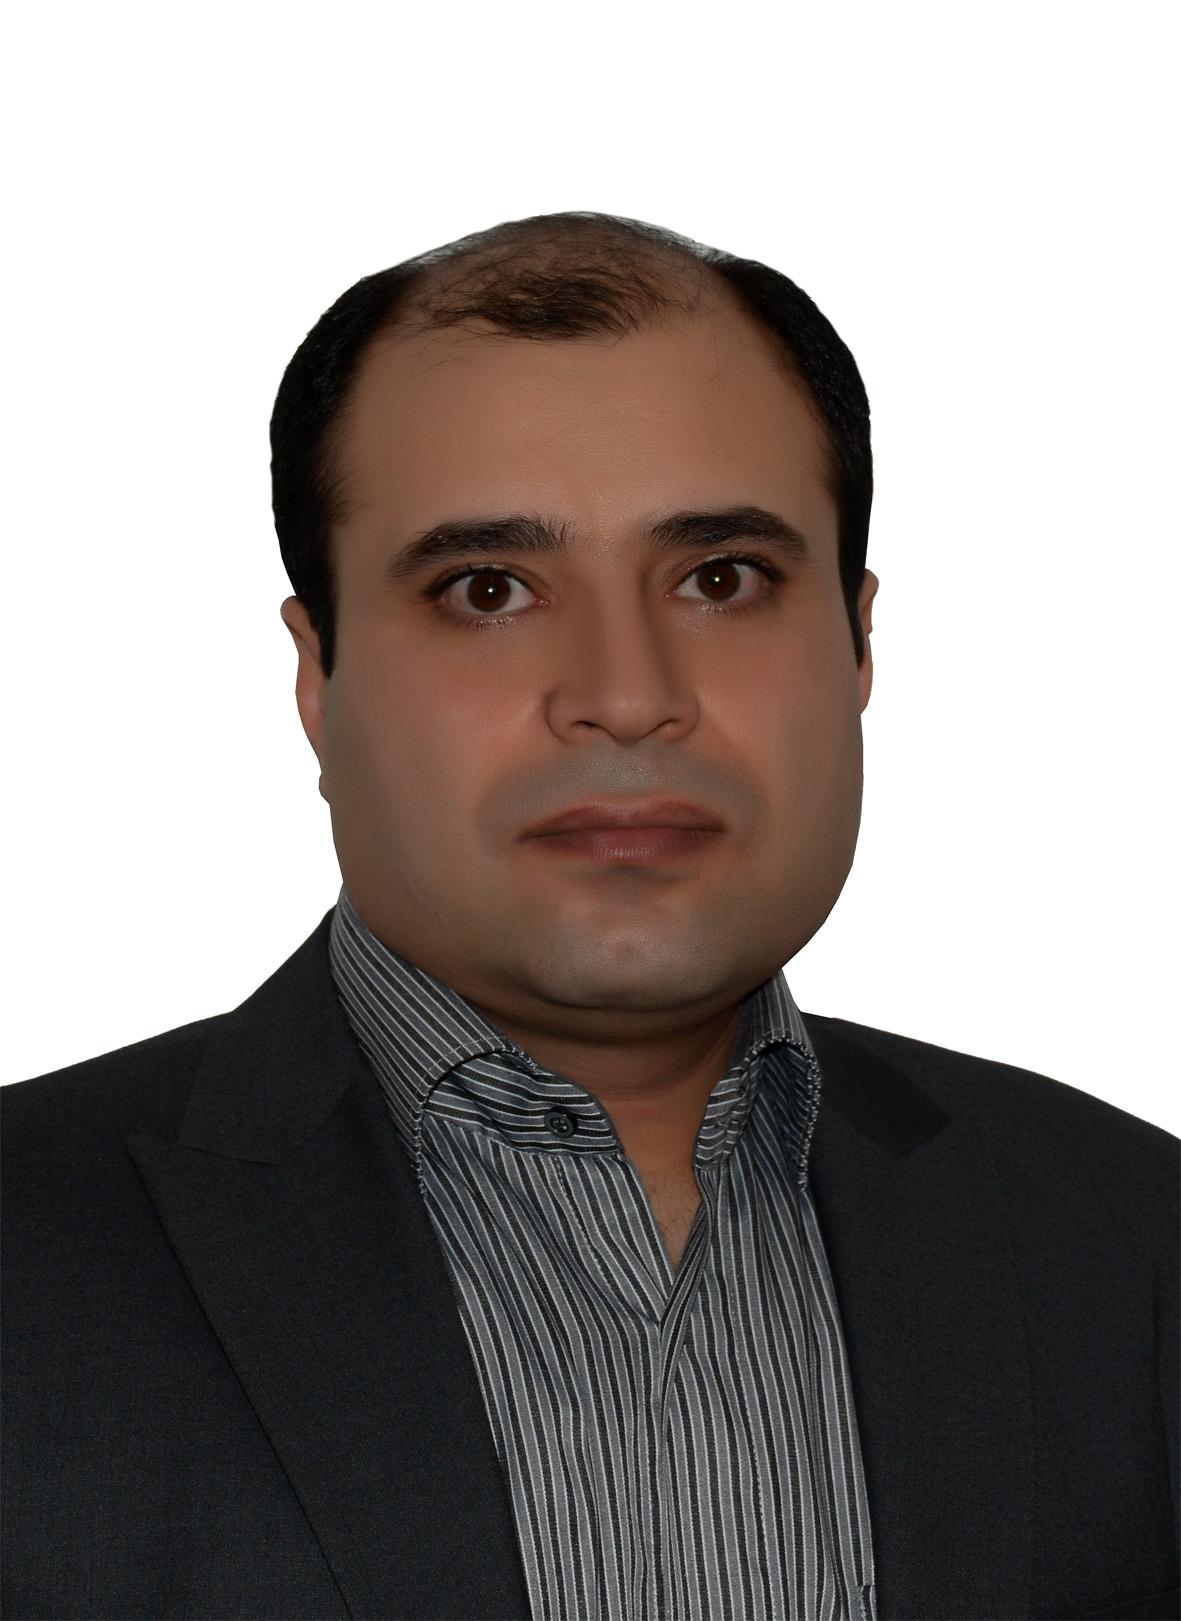 سعید شیبانی